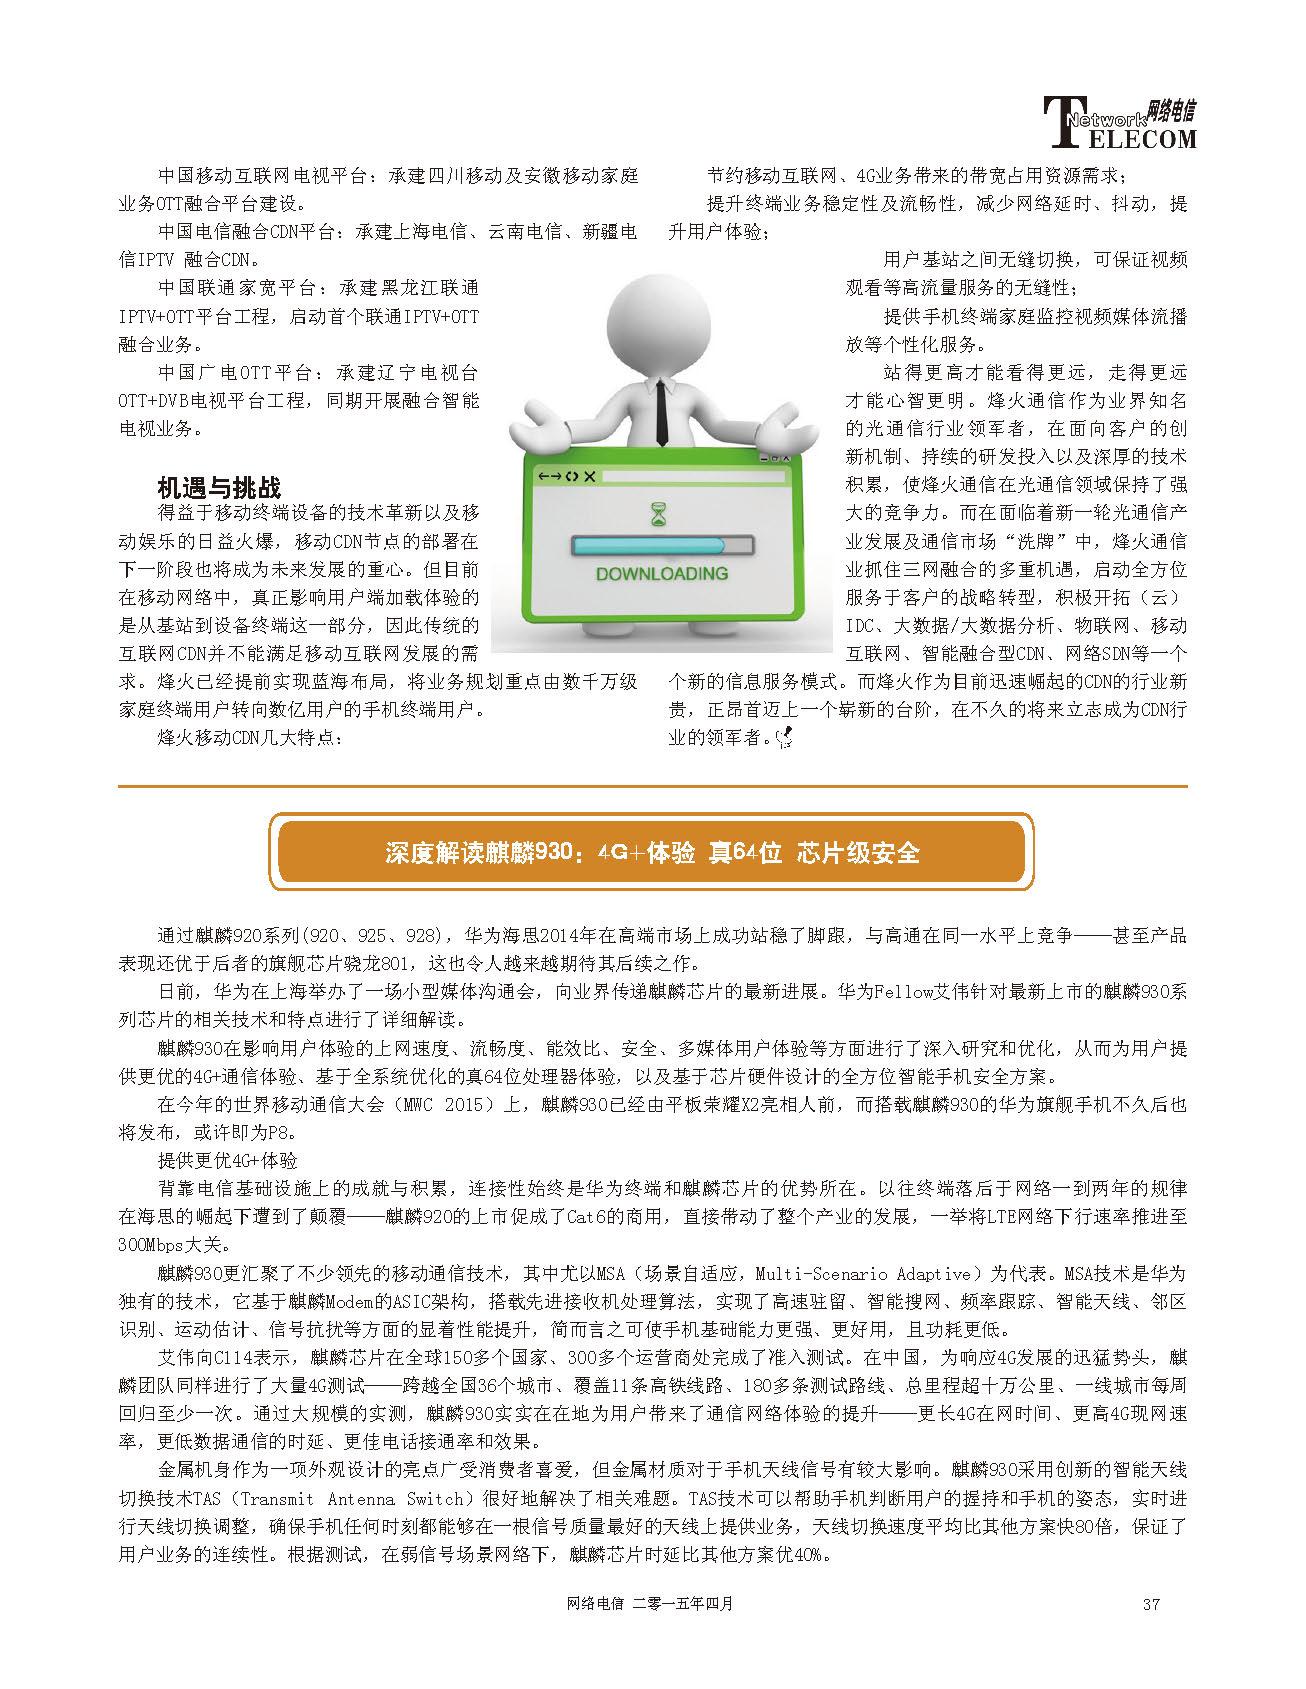 电信2015-04_页面_37.jpg